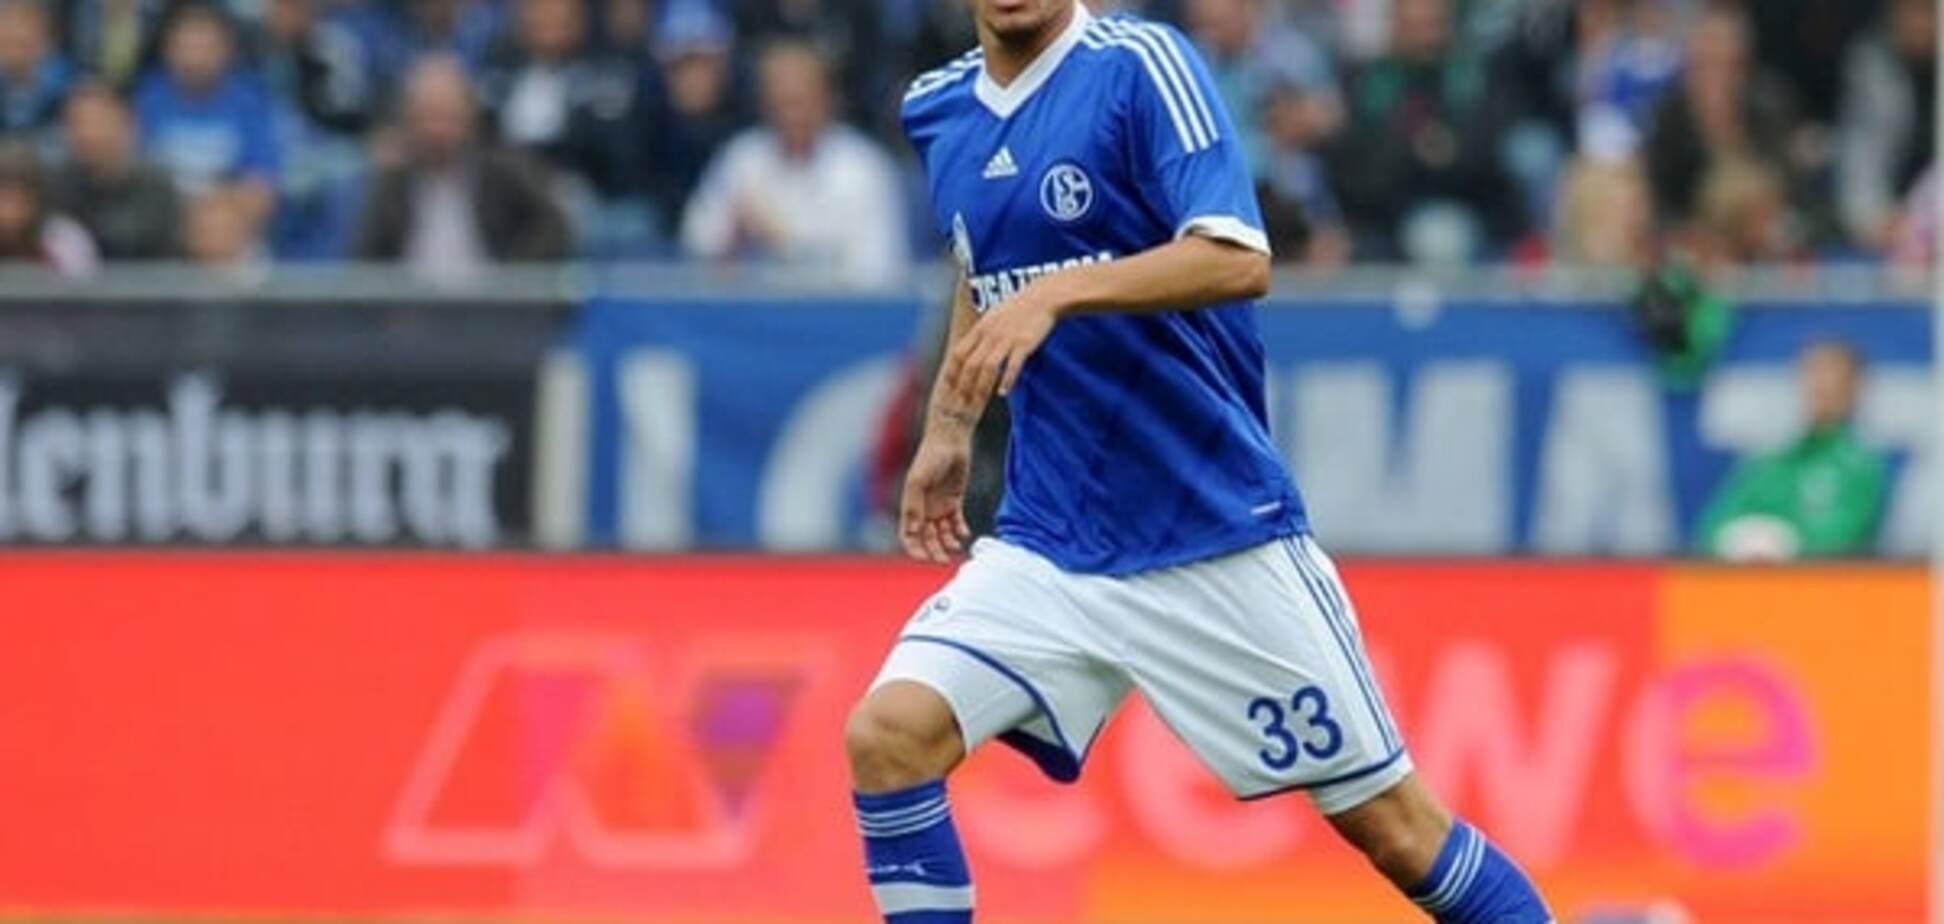 Известный украинский футболист будет играть за Россию на Евро-2016